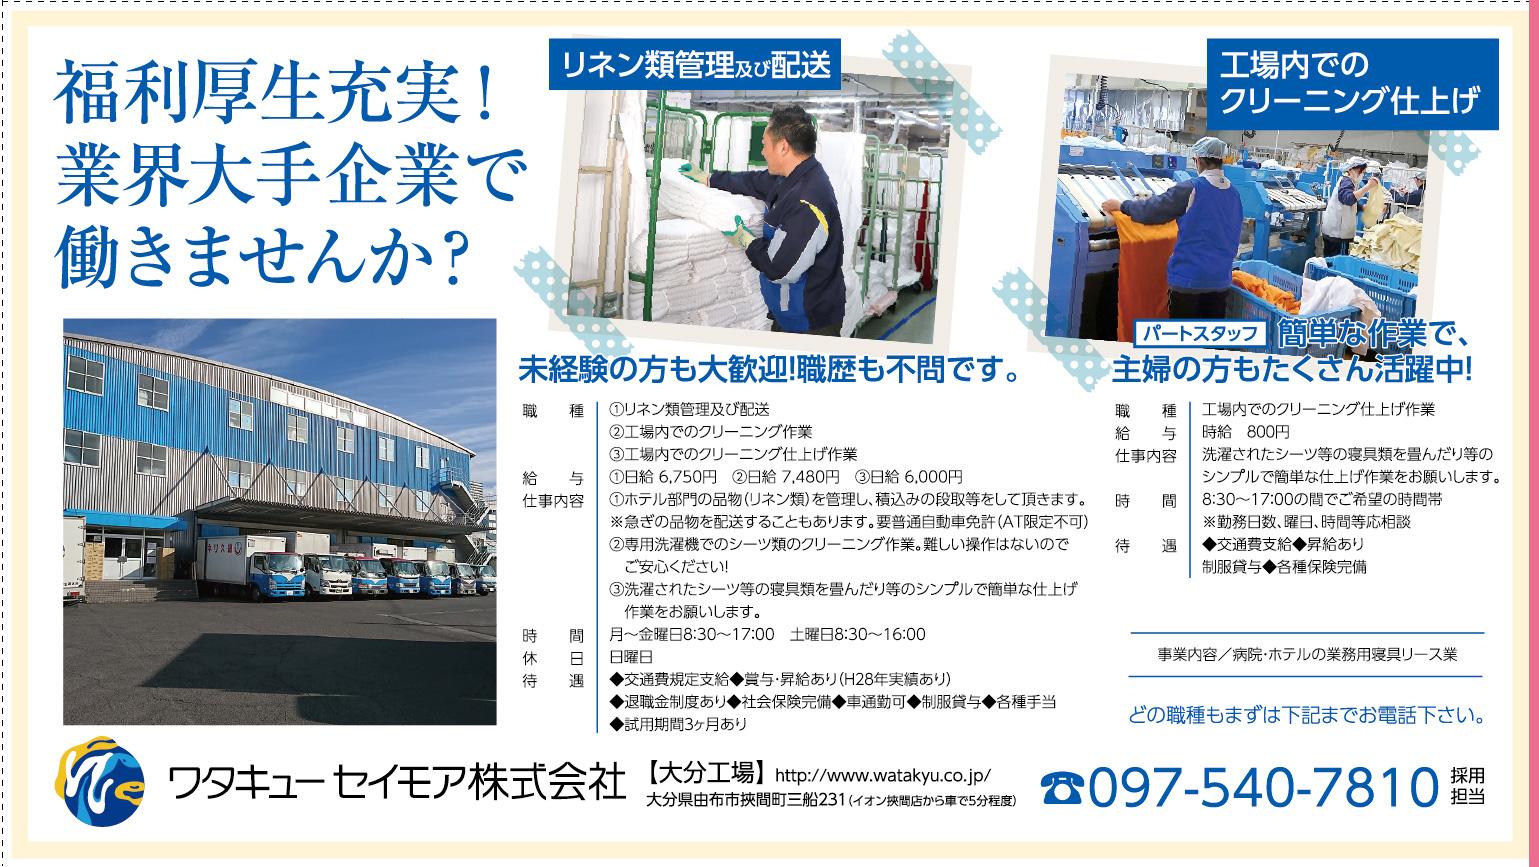 ワタキューセイモア 株式会社 大分工場